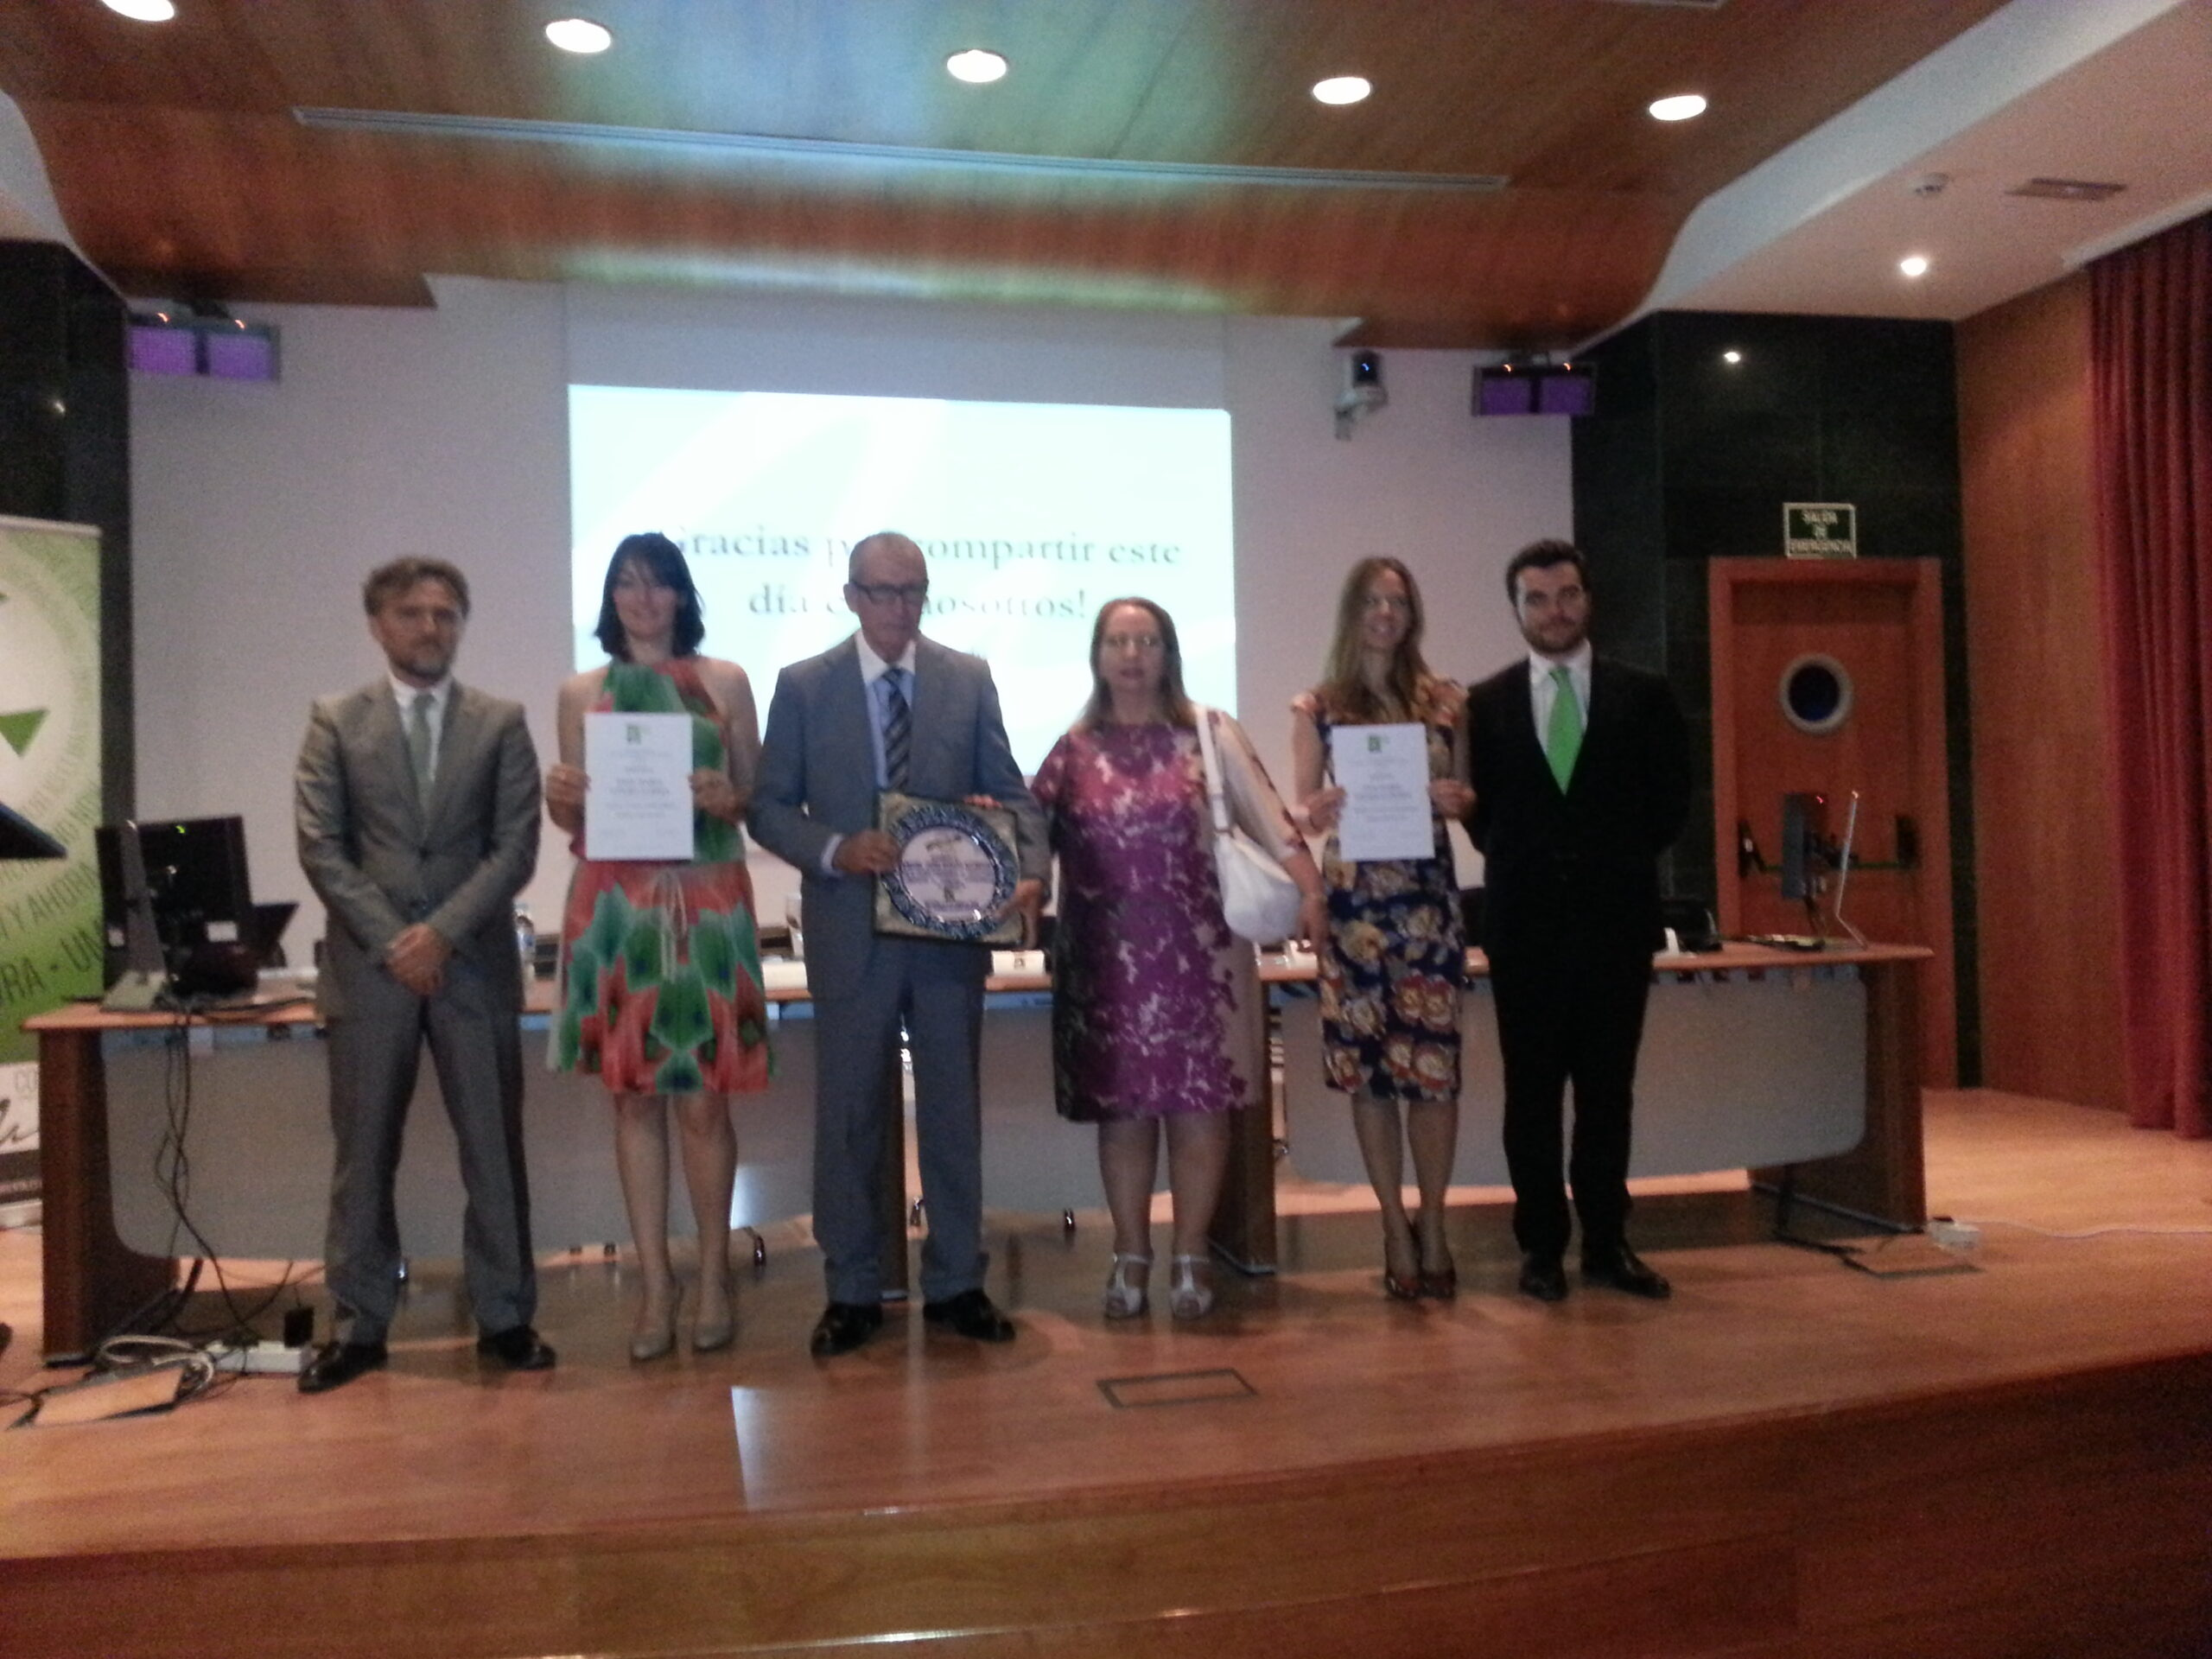 Premiado y finalistas Ambientólogo Andaluz Año 2015 junto con Consejero de Medio Ambiente y Ordenación del Territorio, D. José Fiscal, y Presidente de COAMBA, Manuel Barrera Viera